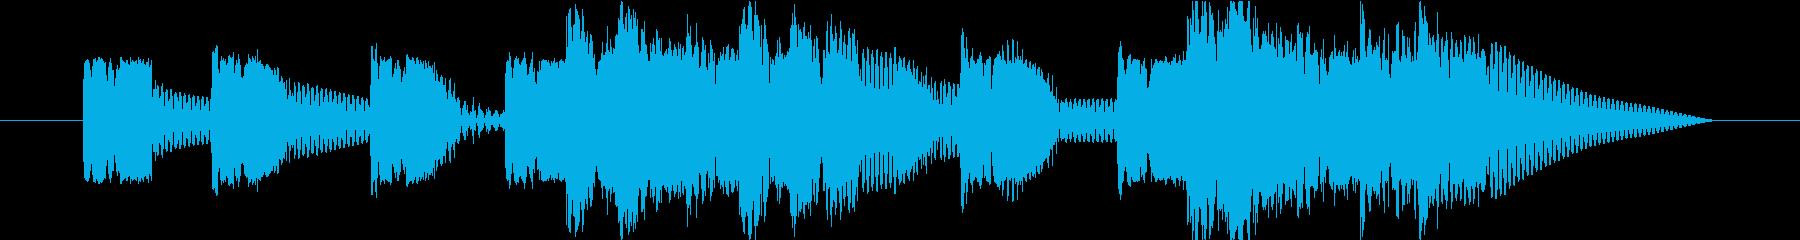 ロボットサウンド 機械音7 の再生済みの波形